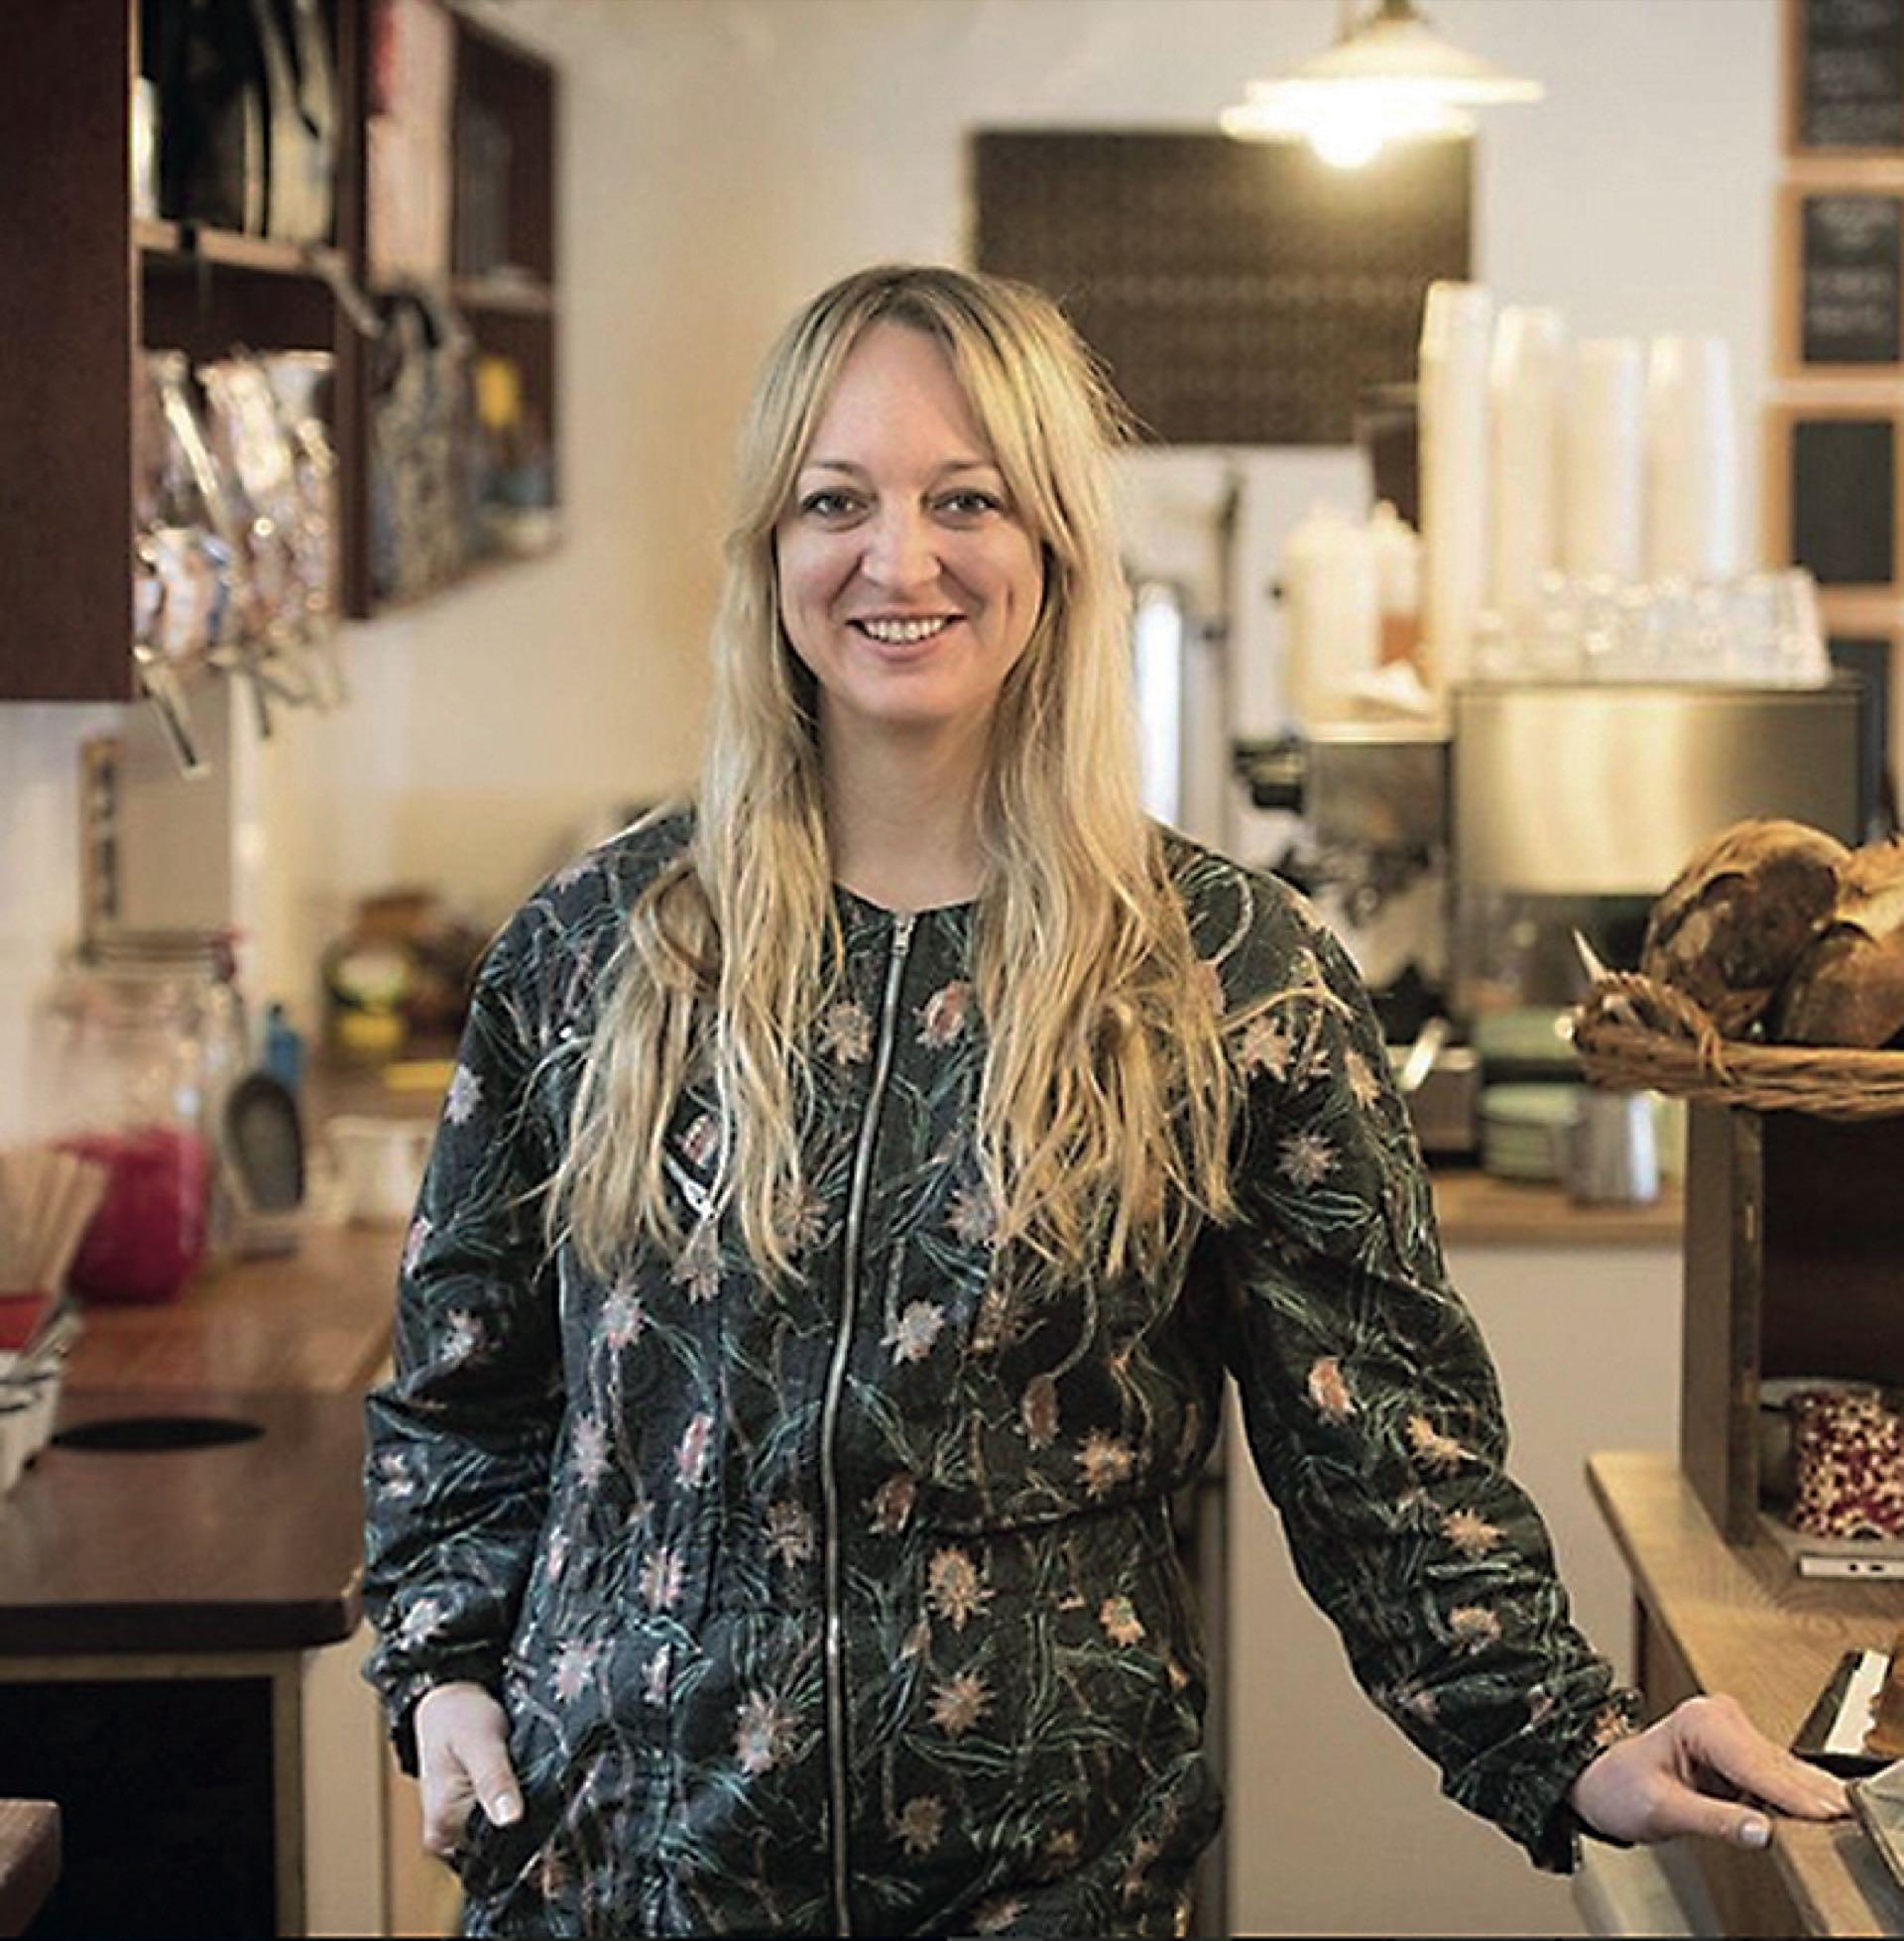 xTorta. La responsable es la chef Claire Ptak, dueña de la pastelería Violet Cakes. Los novios dejaron de lado la tradición de la torta nupcial de frutas y eligieron una de limón y flor de sauco, cubierta de crema chantilly y con flores a modo de decoración.